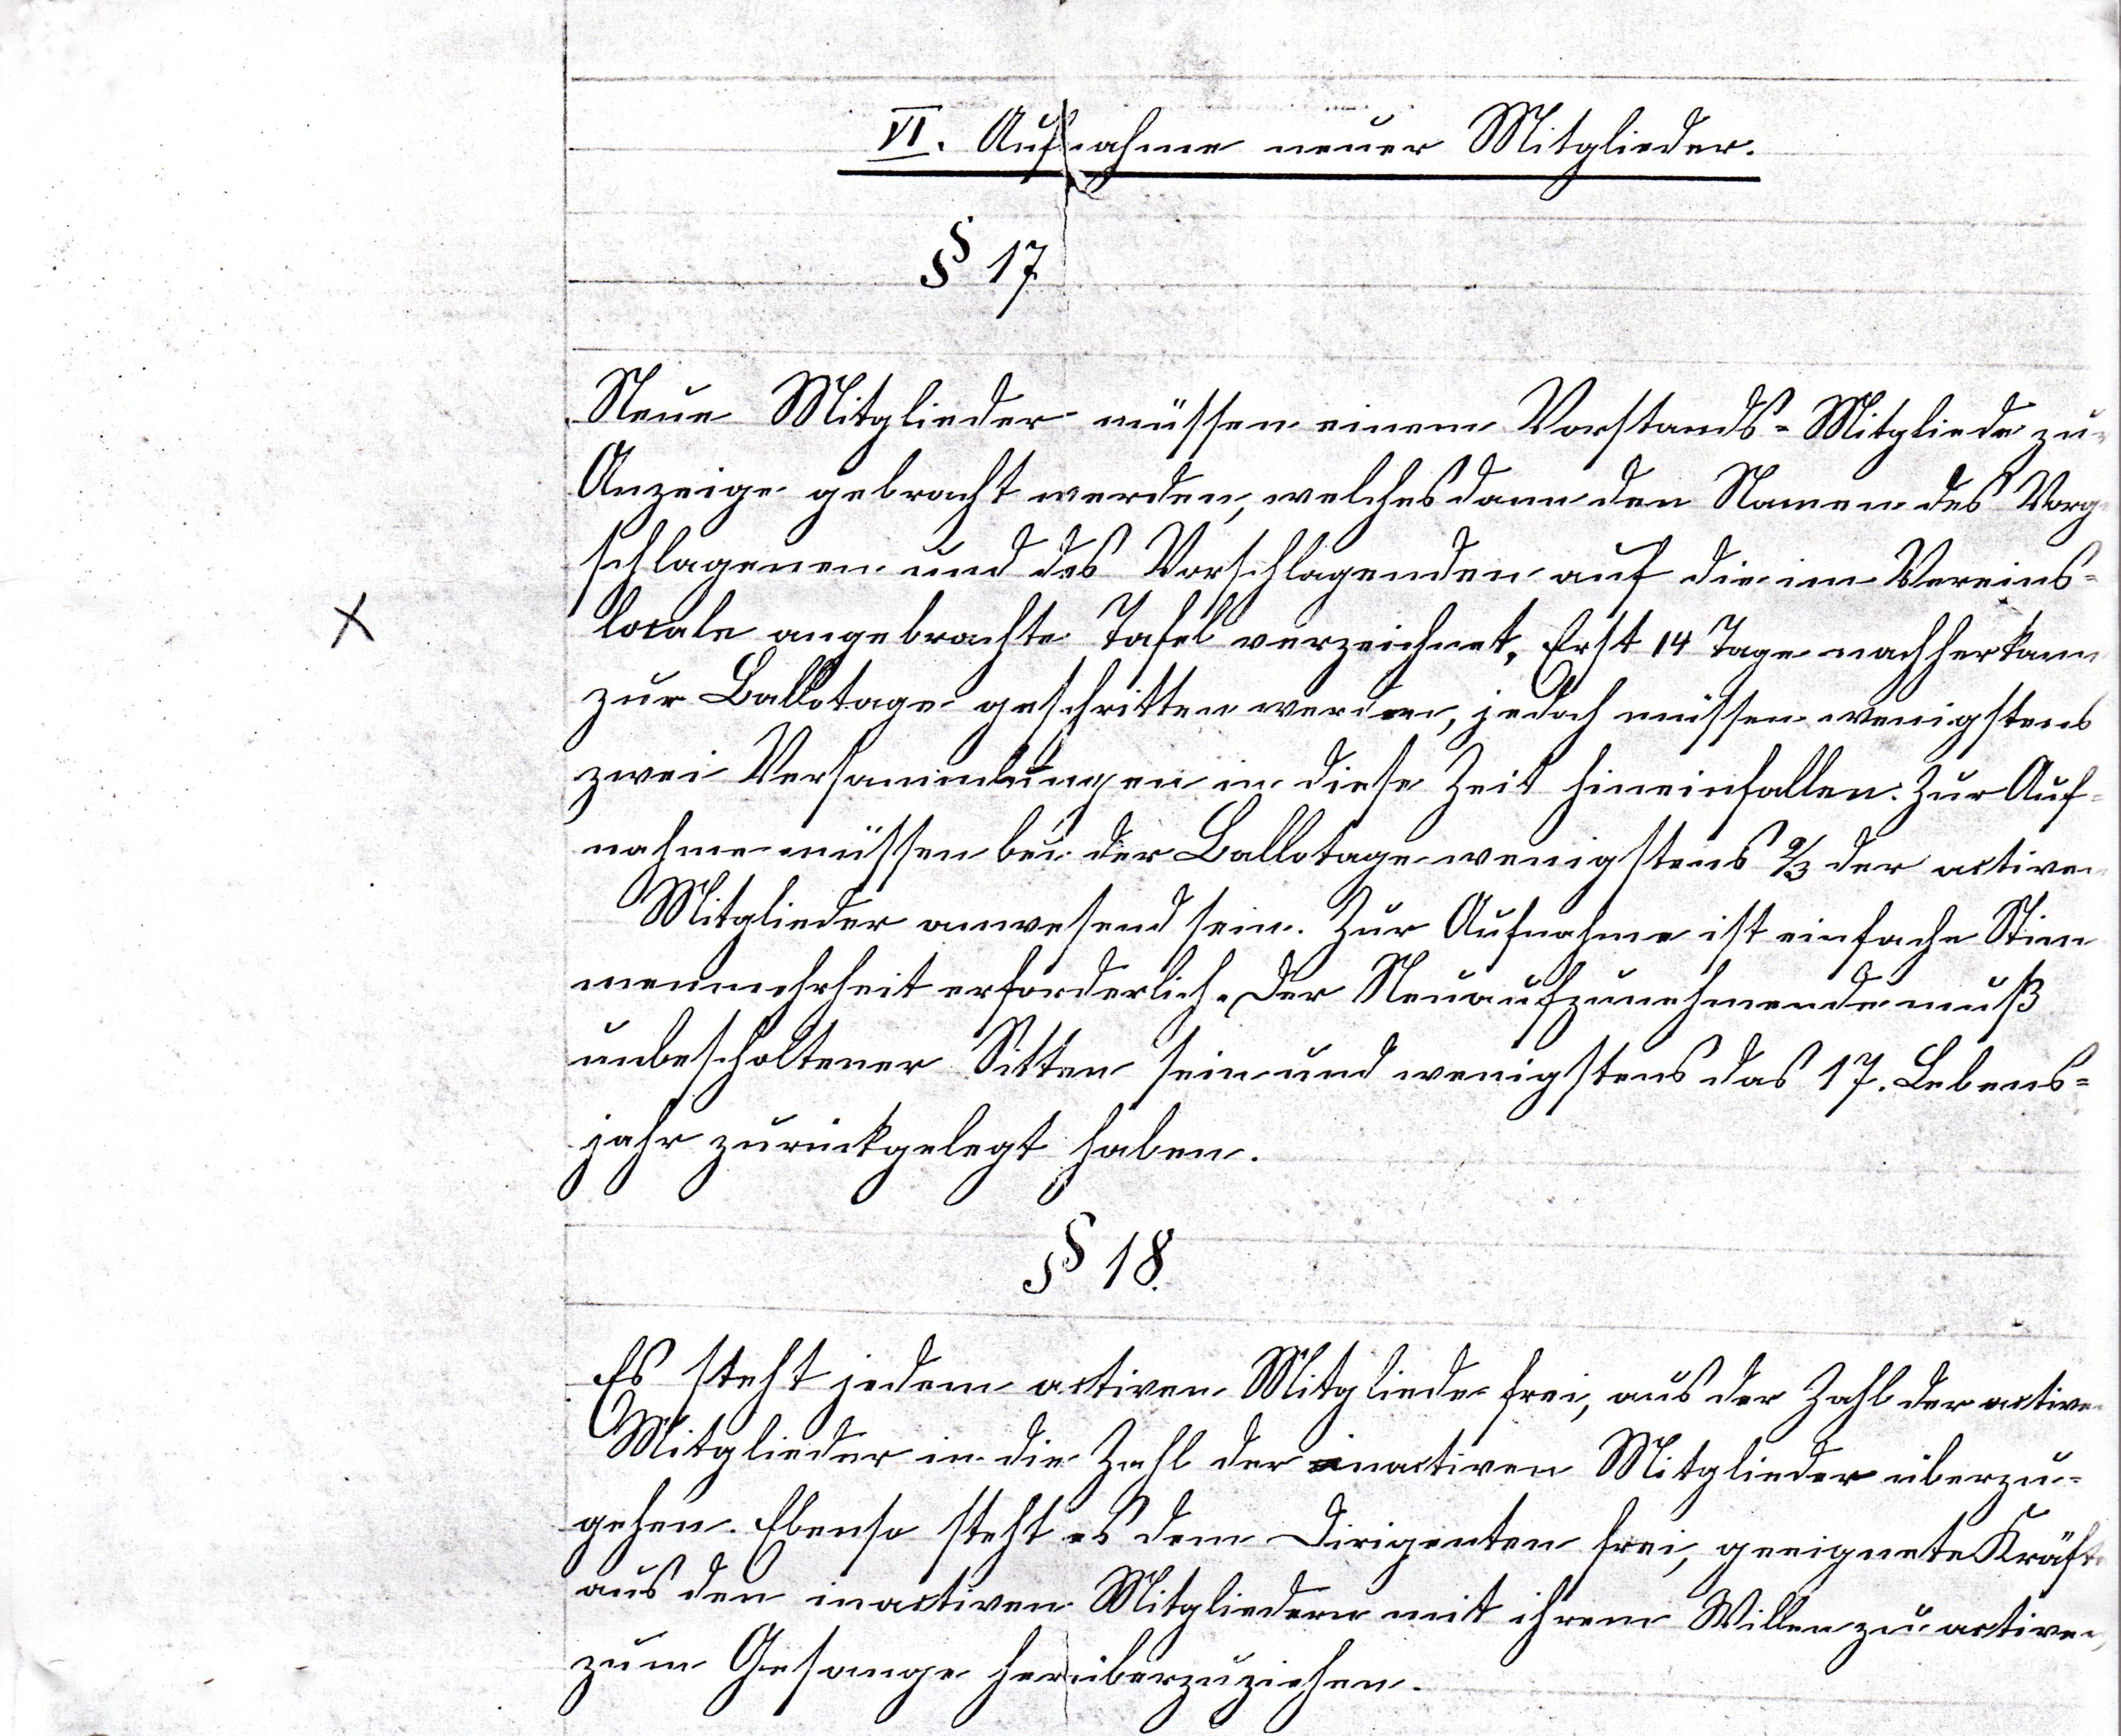 Statuten 1882 Bl. 5/1